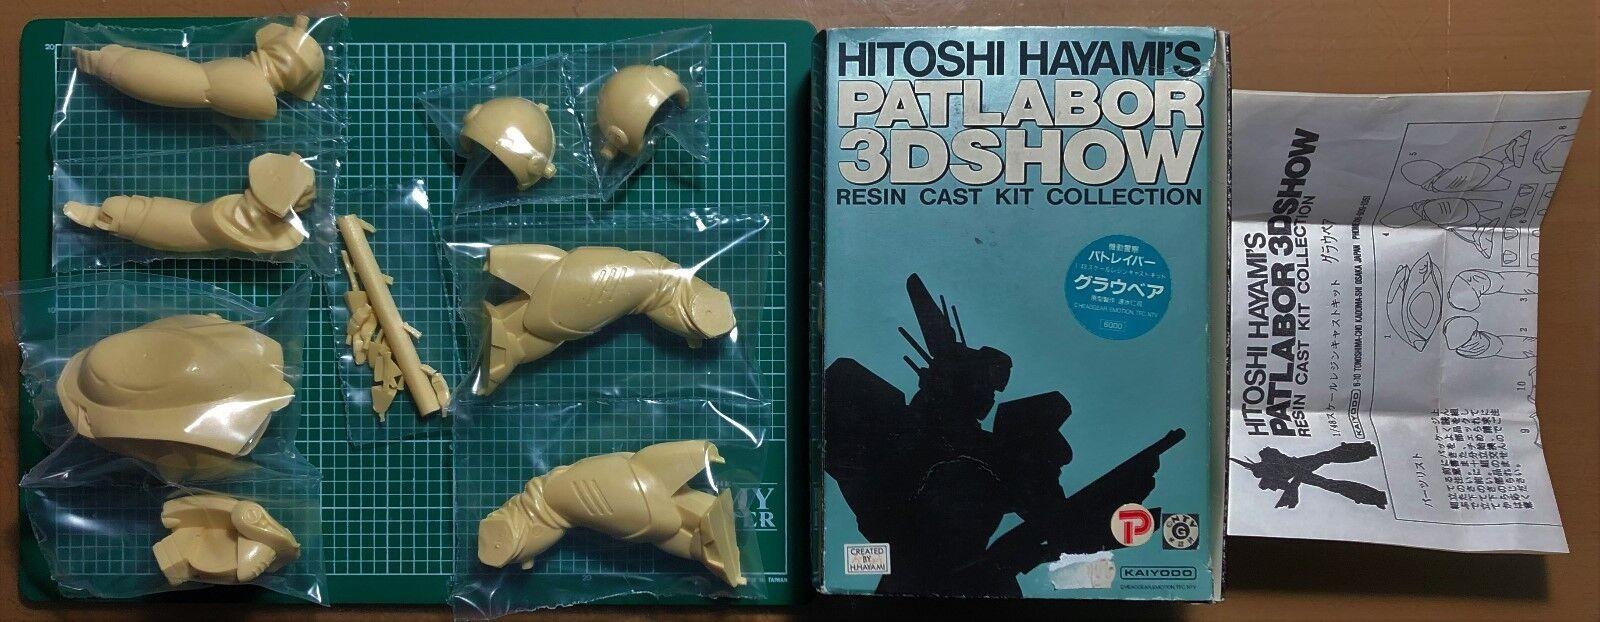 KAIYODO - HITOSHI HAYAMI PATLABOR 3D SHOW gris BEAR - 1 48 RESIN KIT